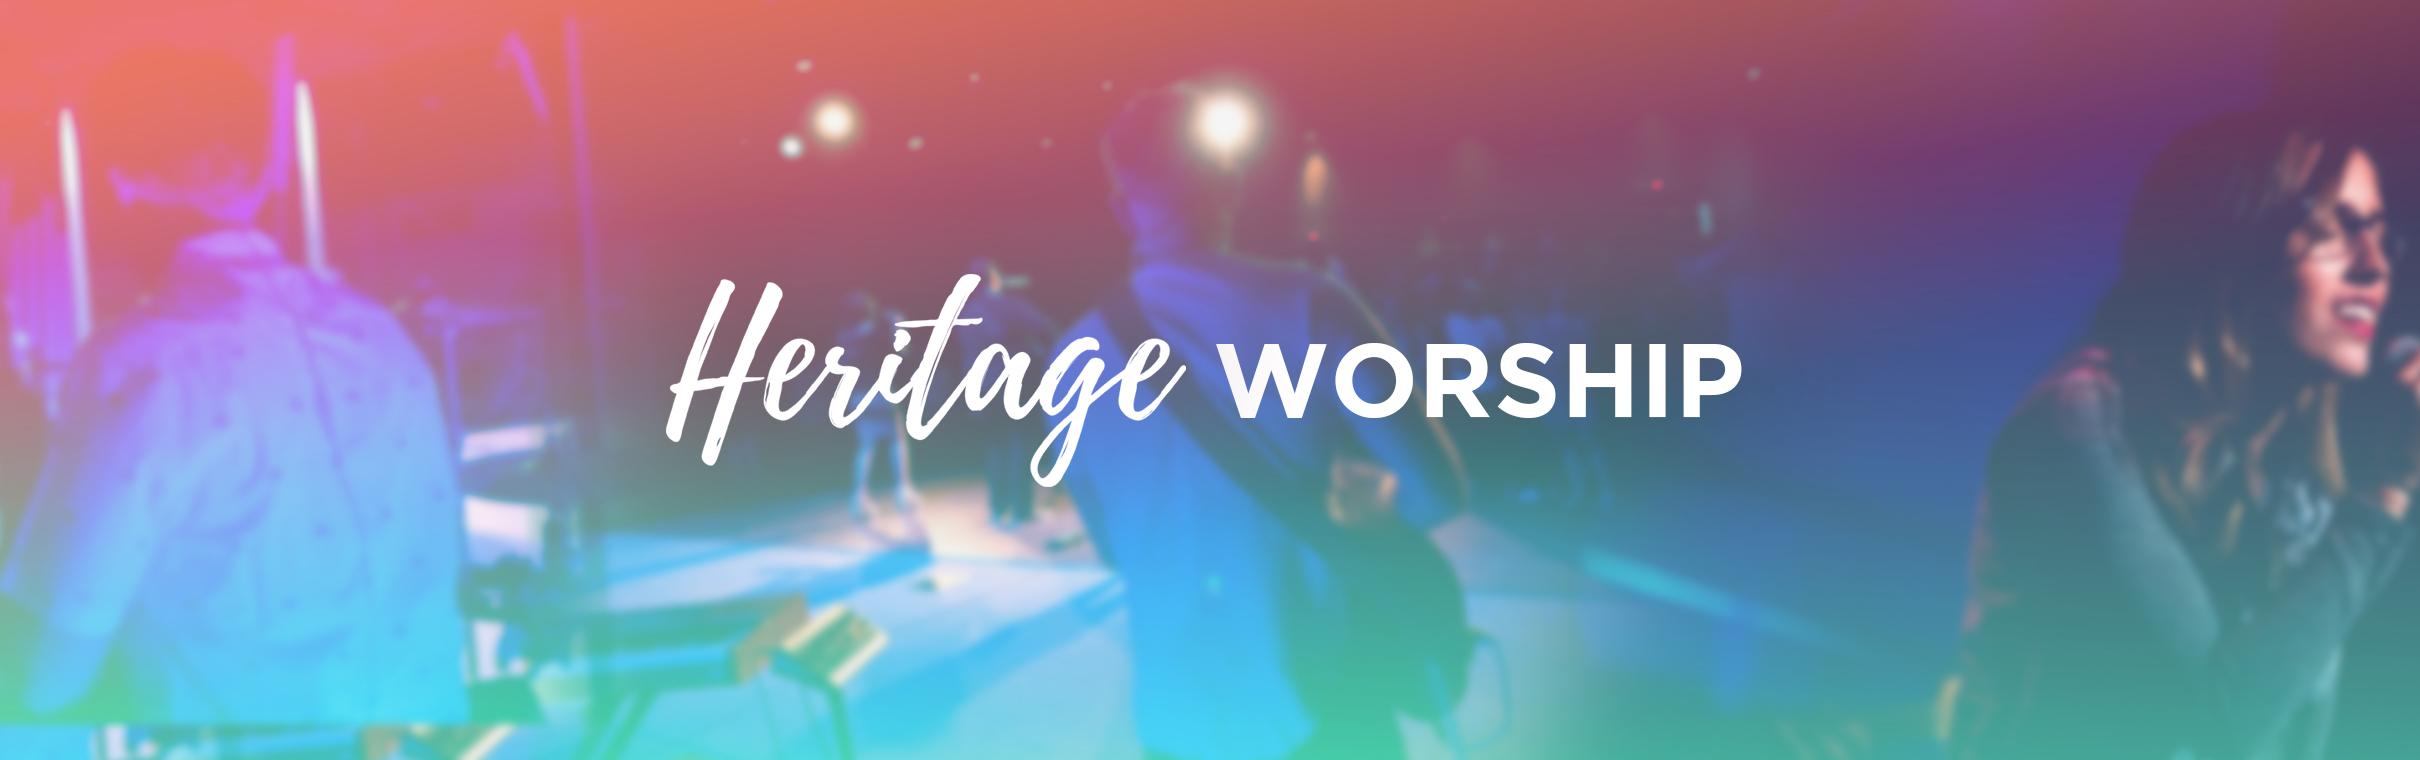 Heritage Worship